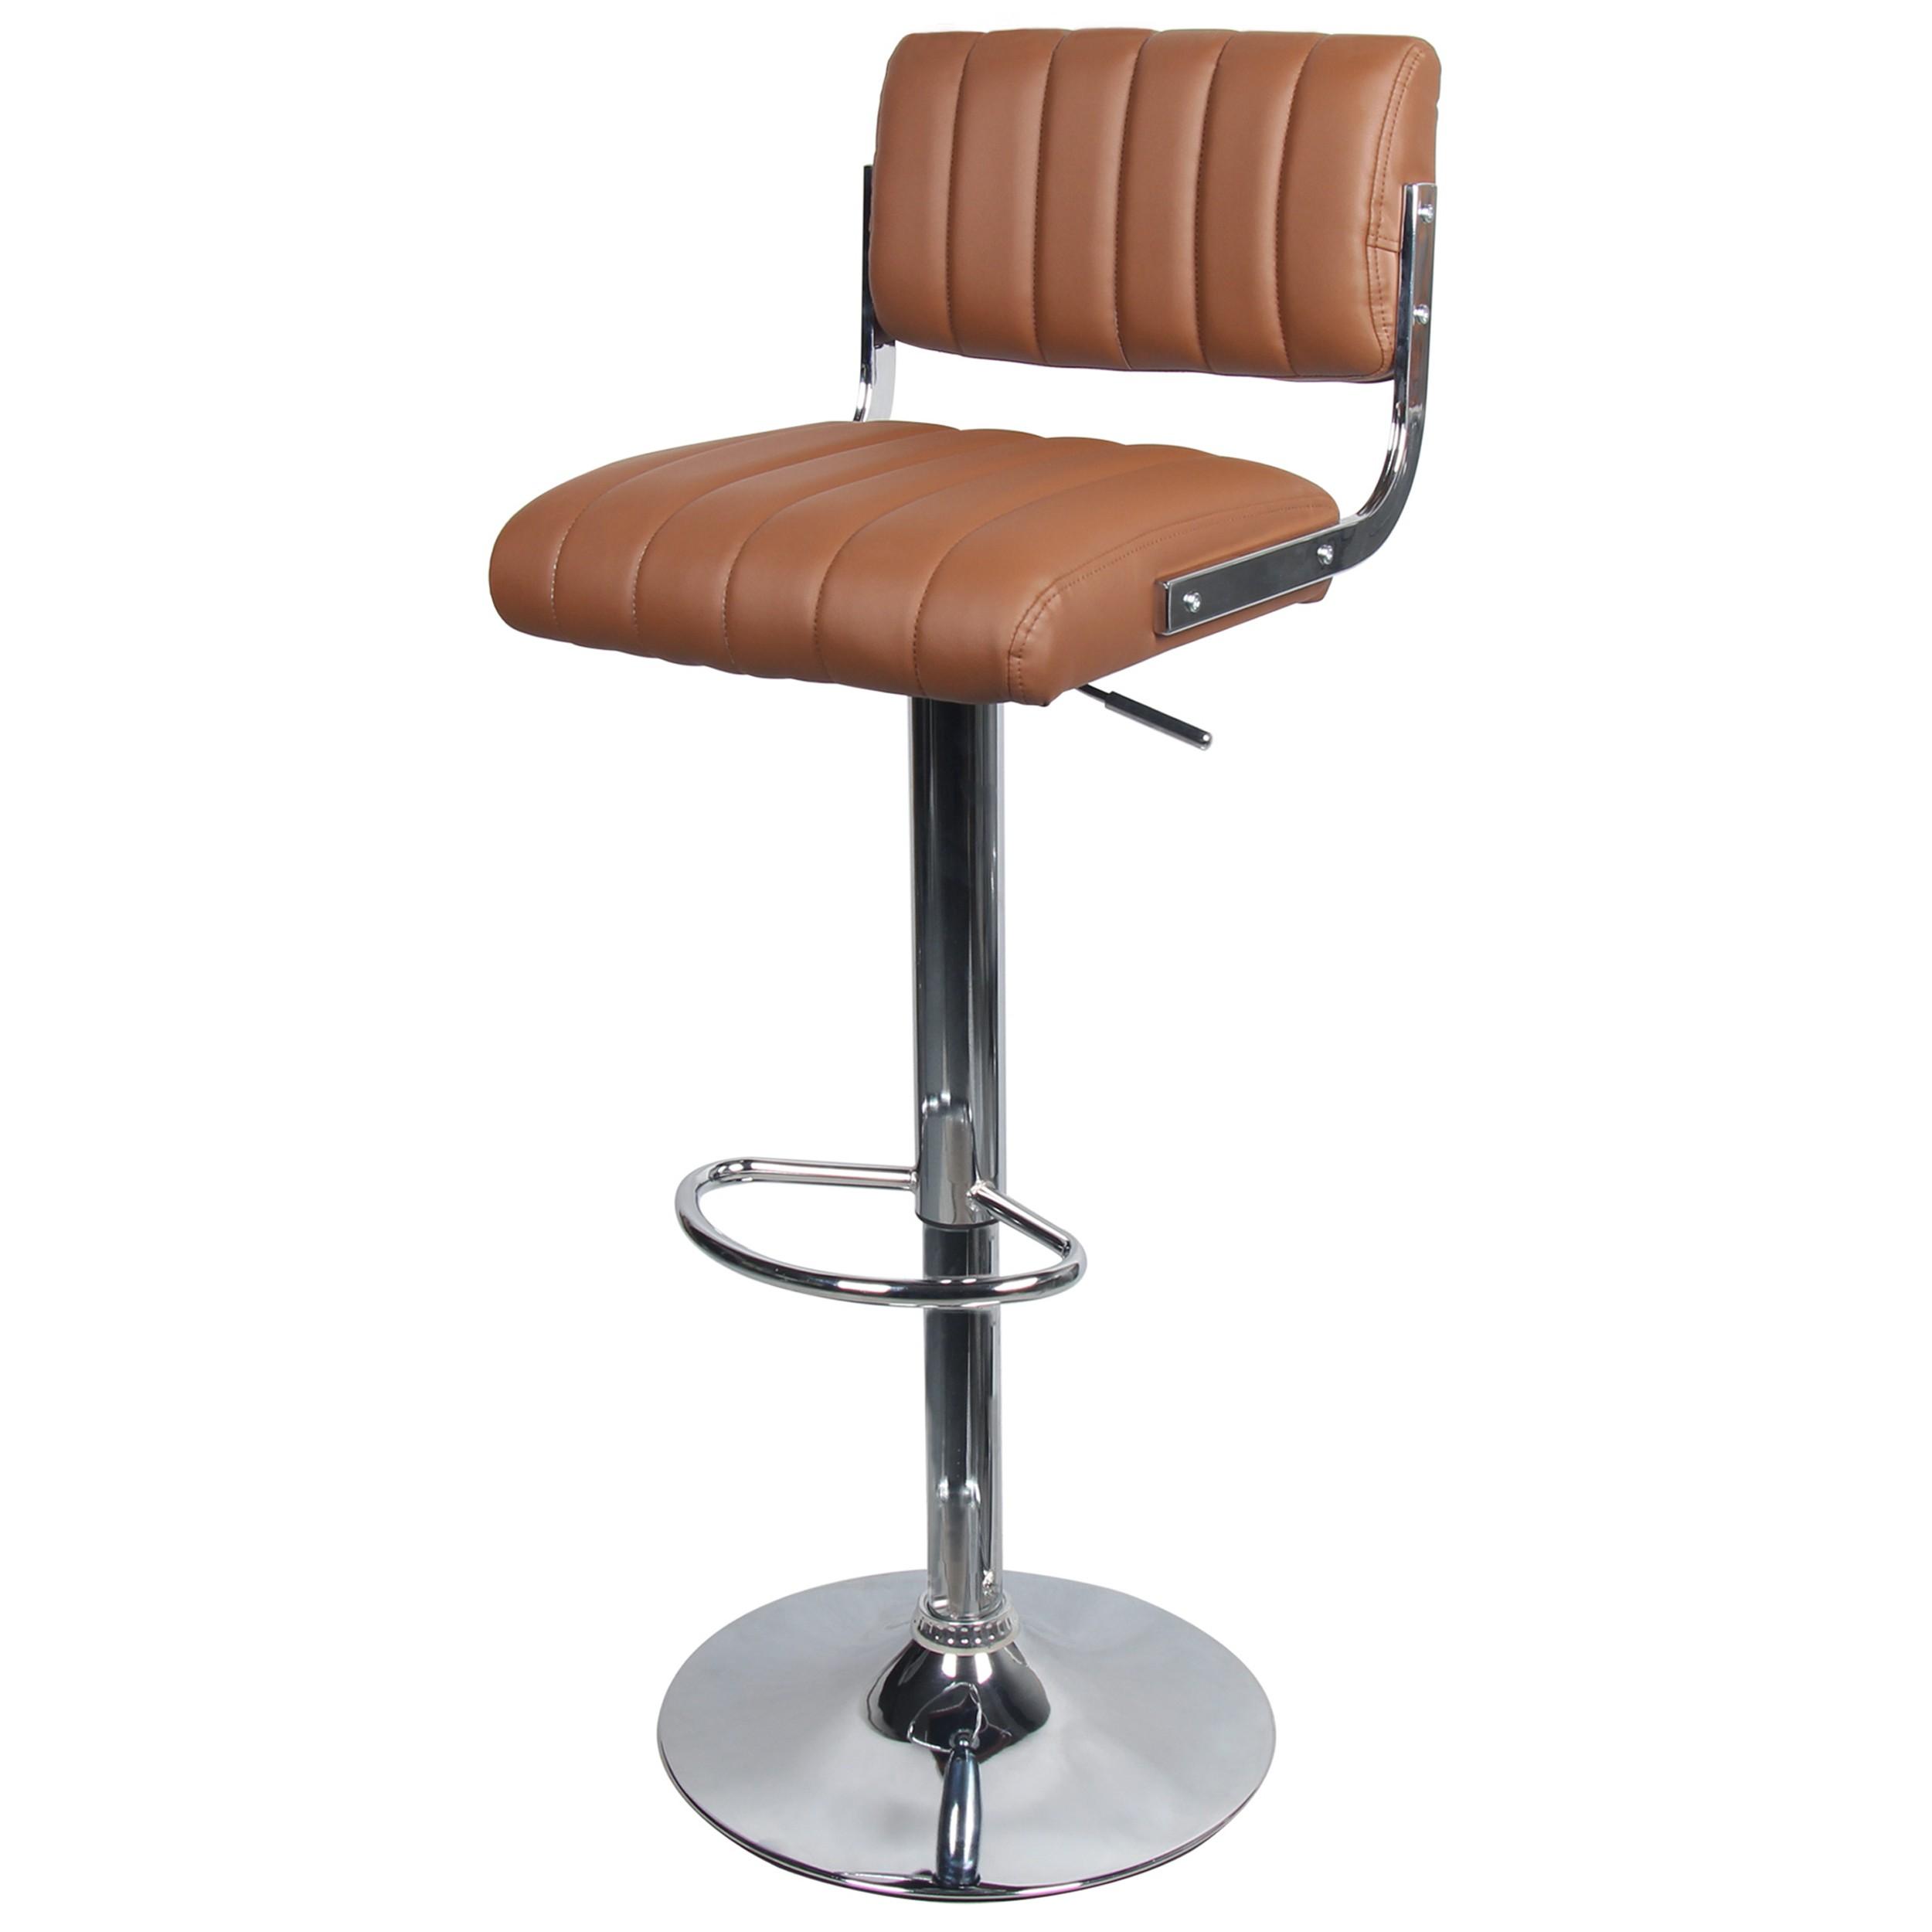 acheter chaise de bar simili cuir